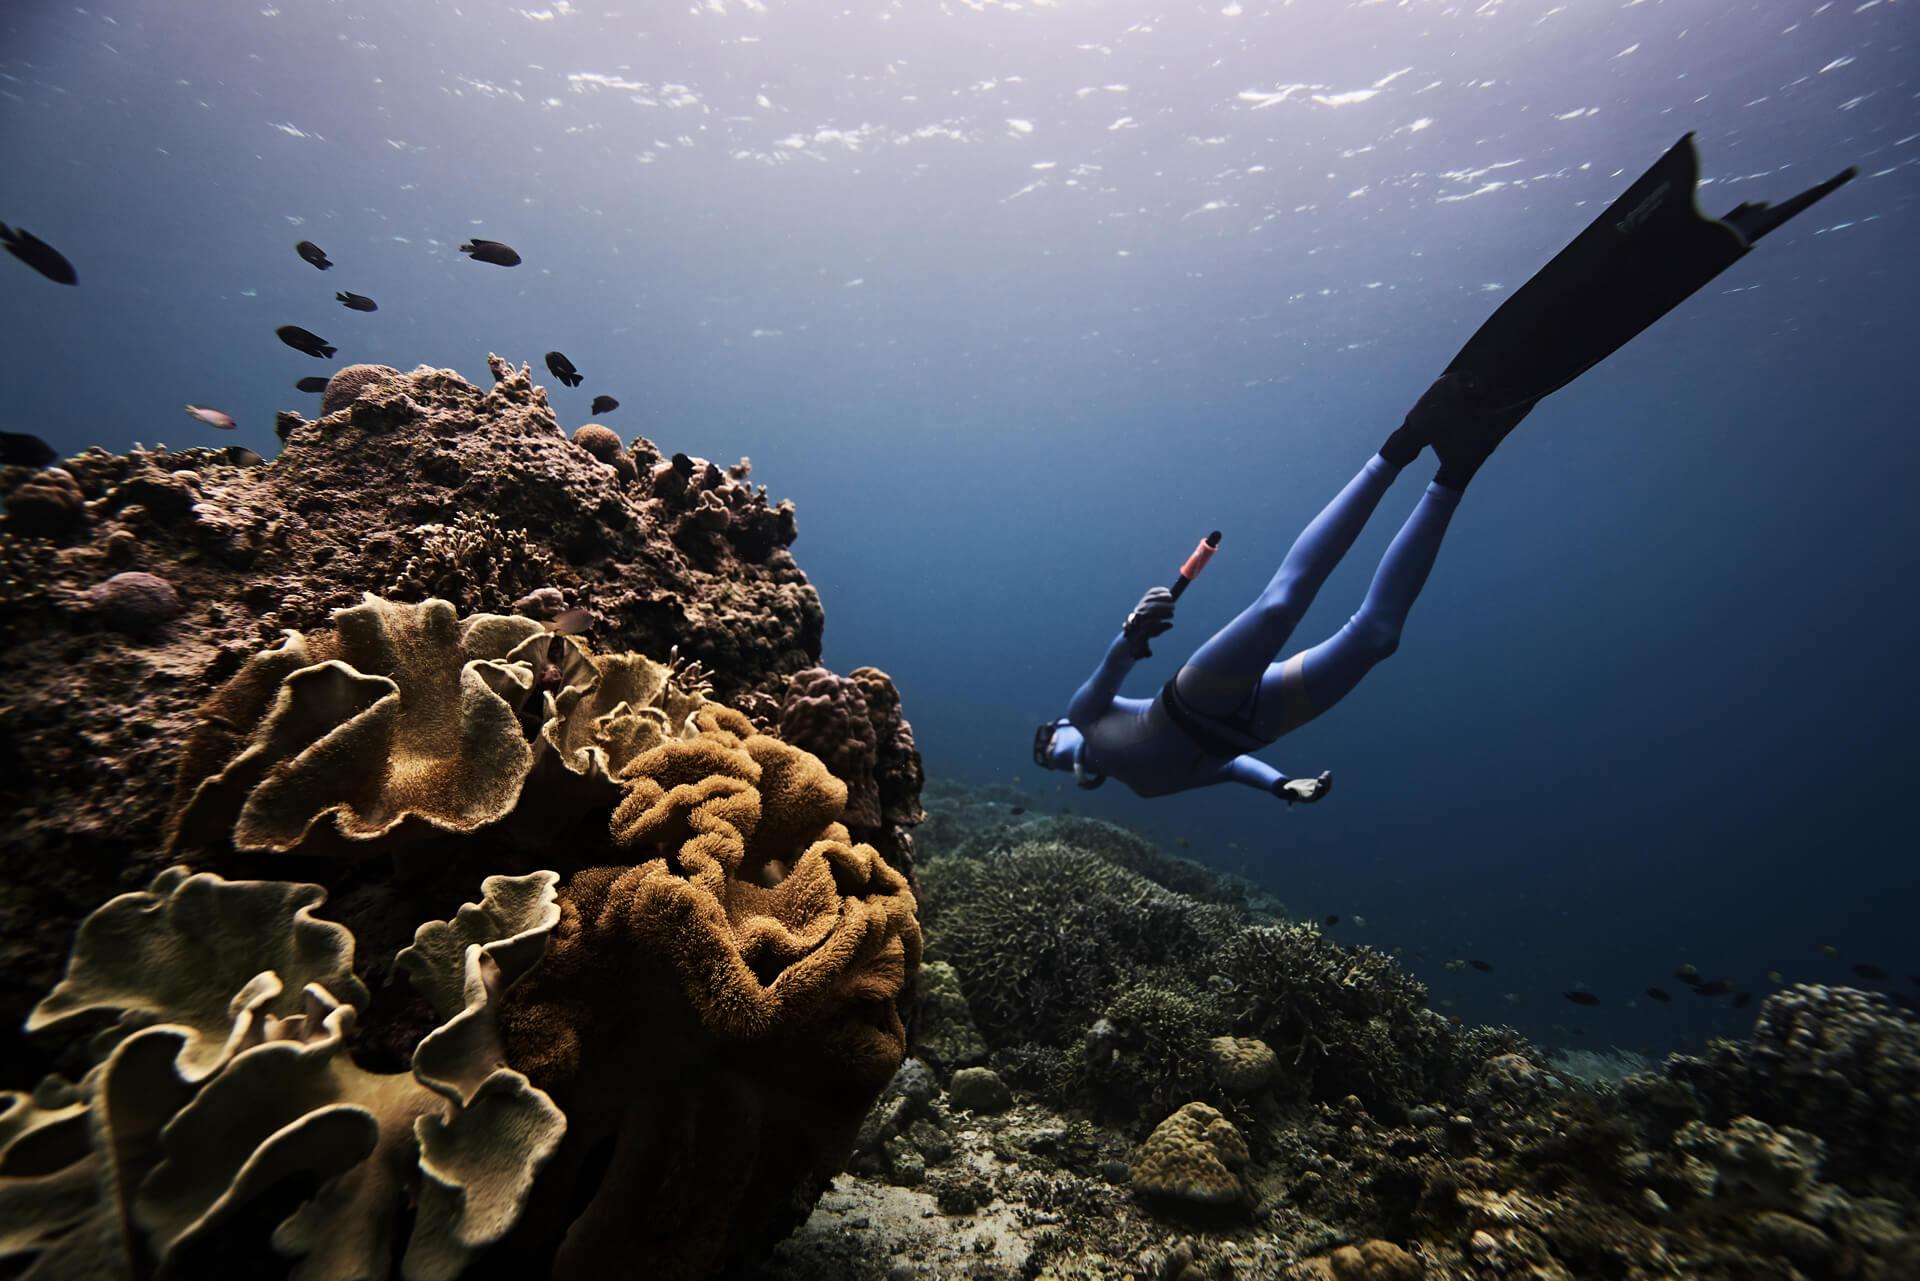 freediver Carlo Navarro exploring corals reefs in Anilao